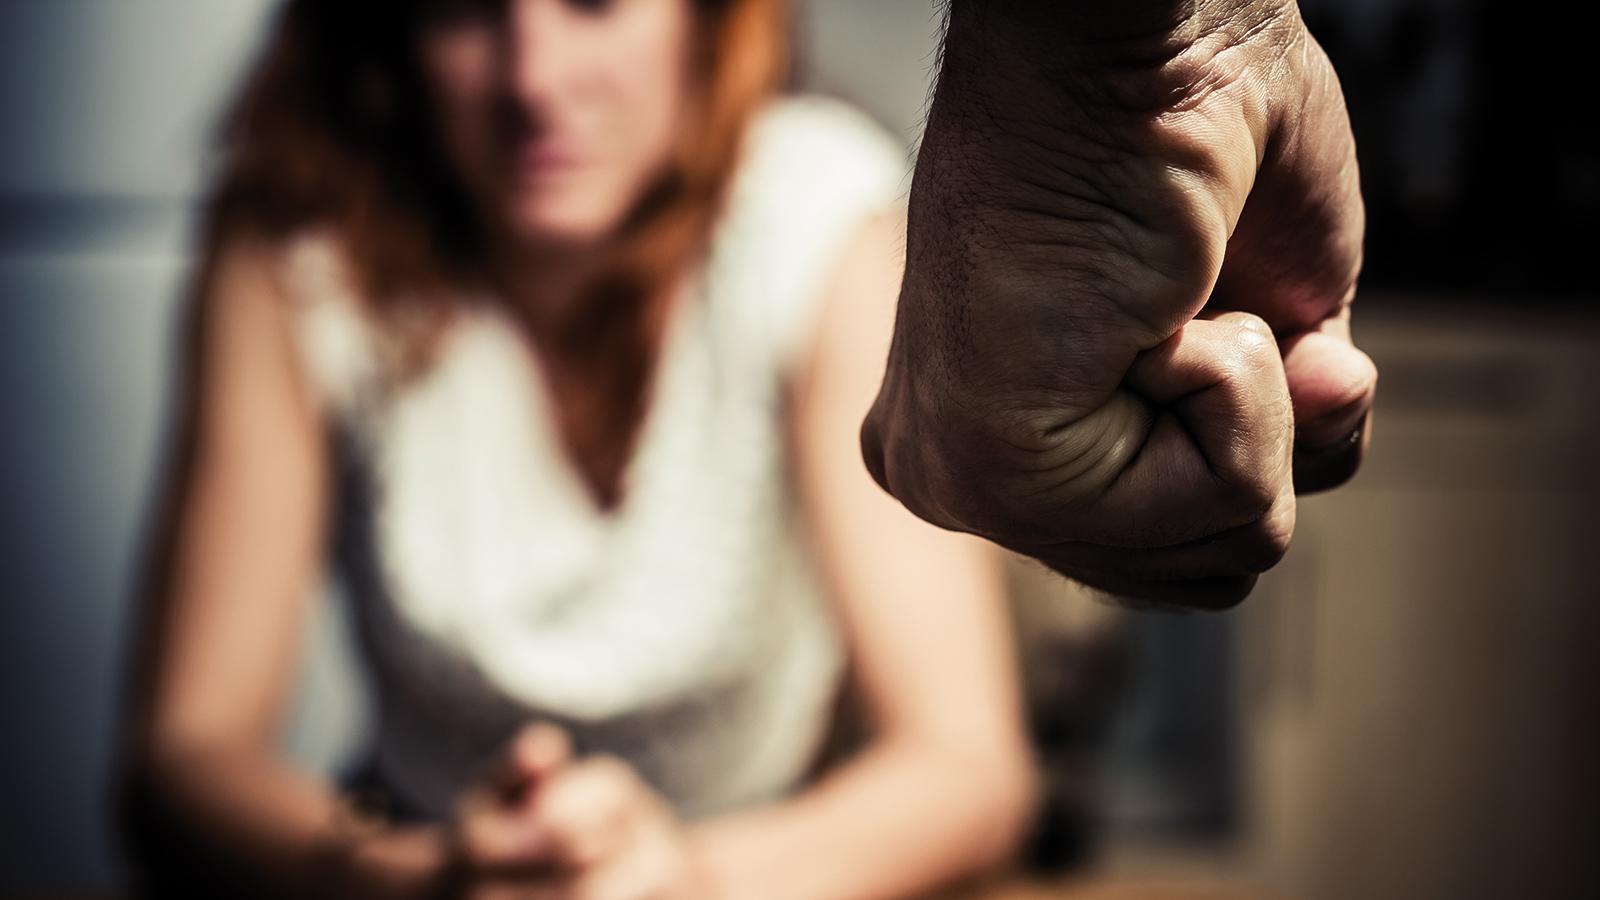 Violences-conjugales-femme-battue